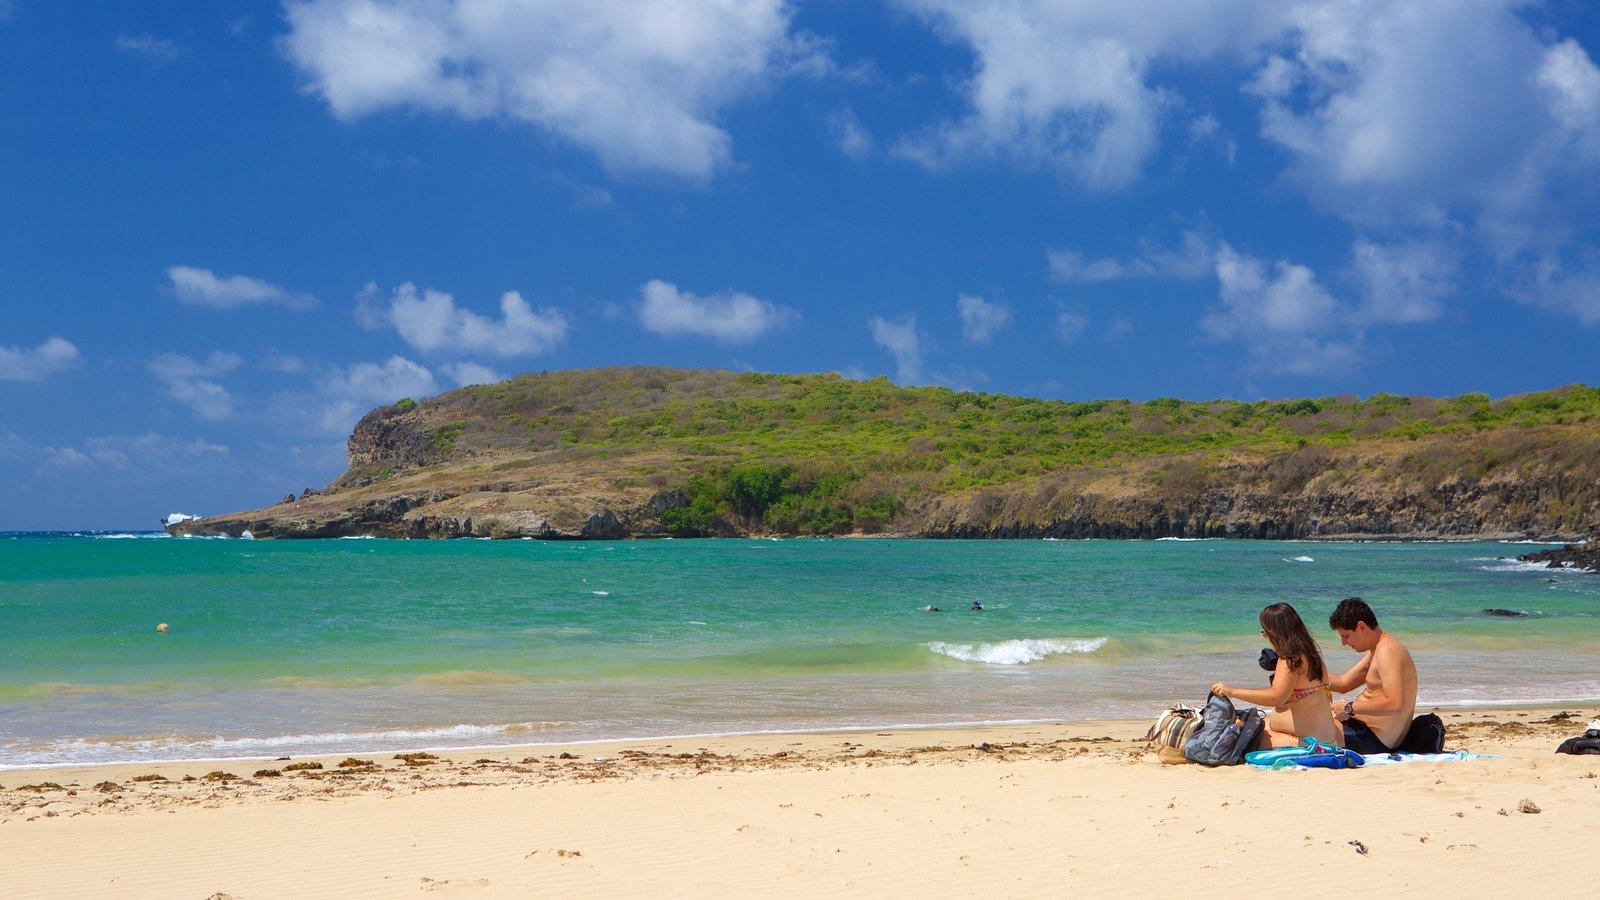 Praia do Sueste caracterizando uma praia e paisagens litorâneas assim como um casal